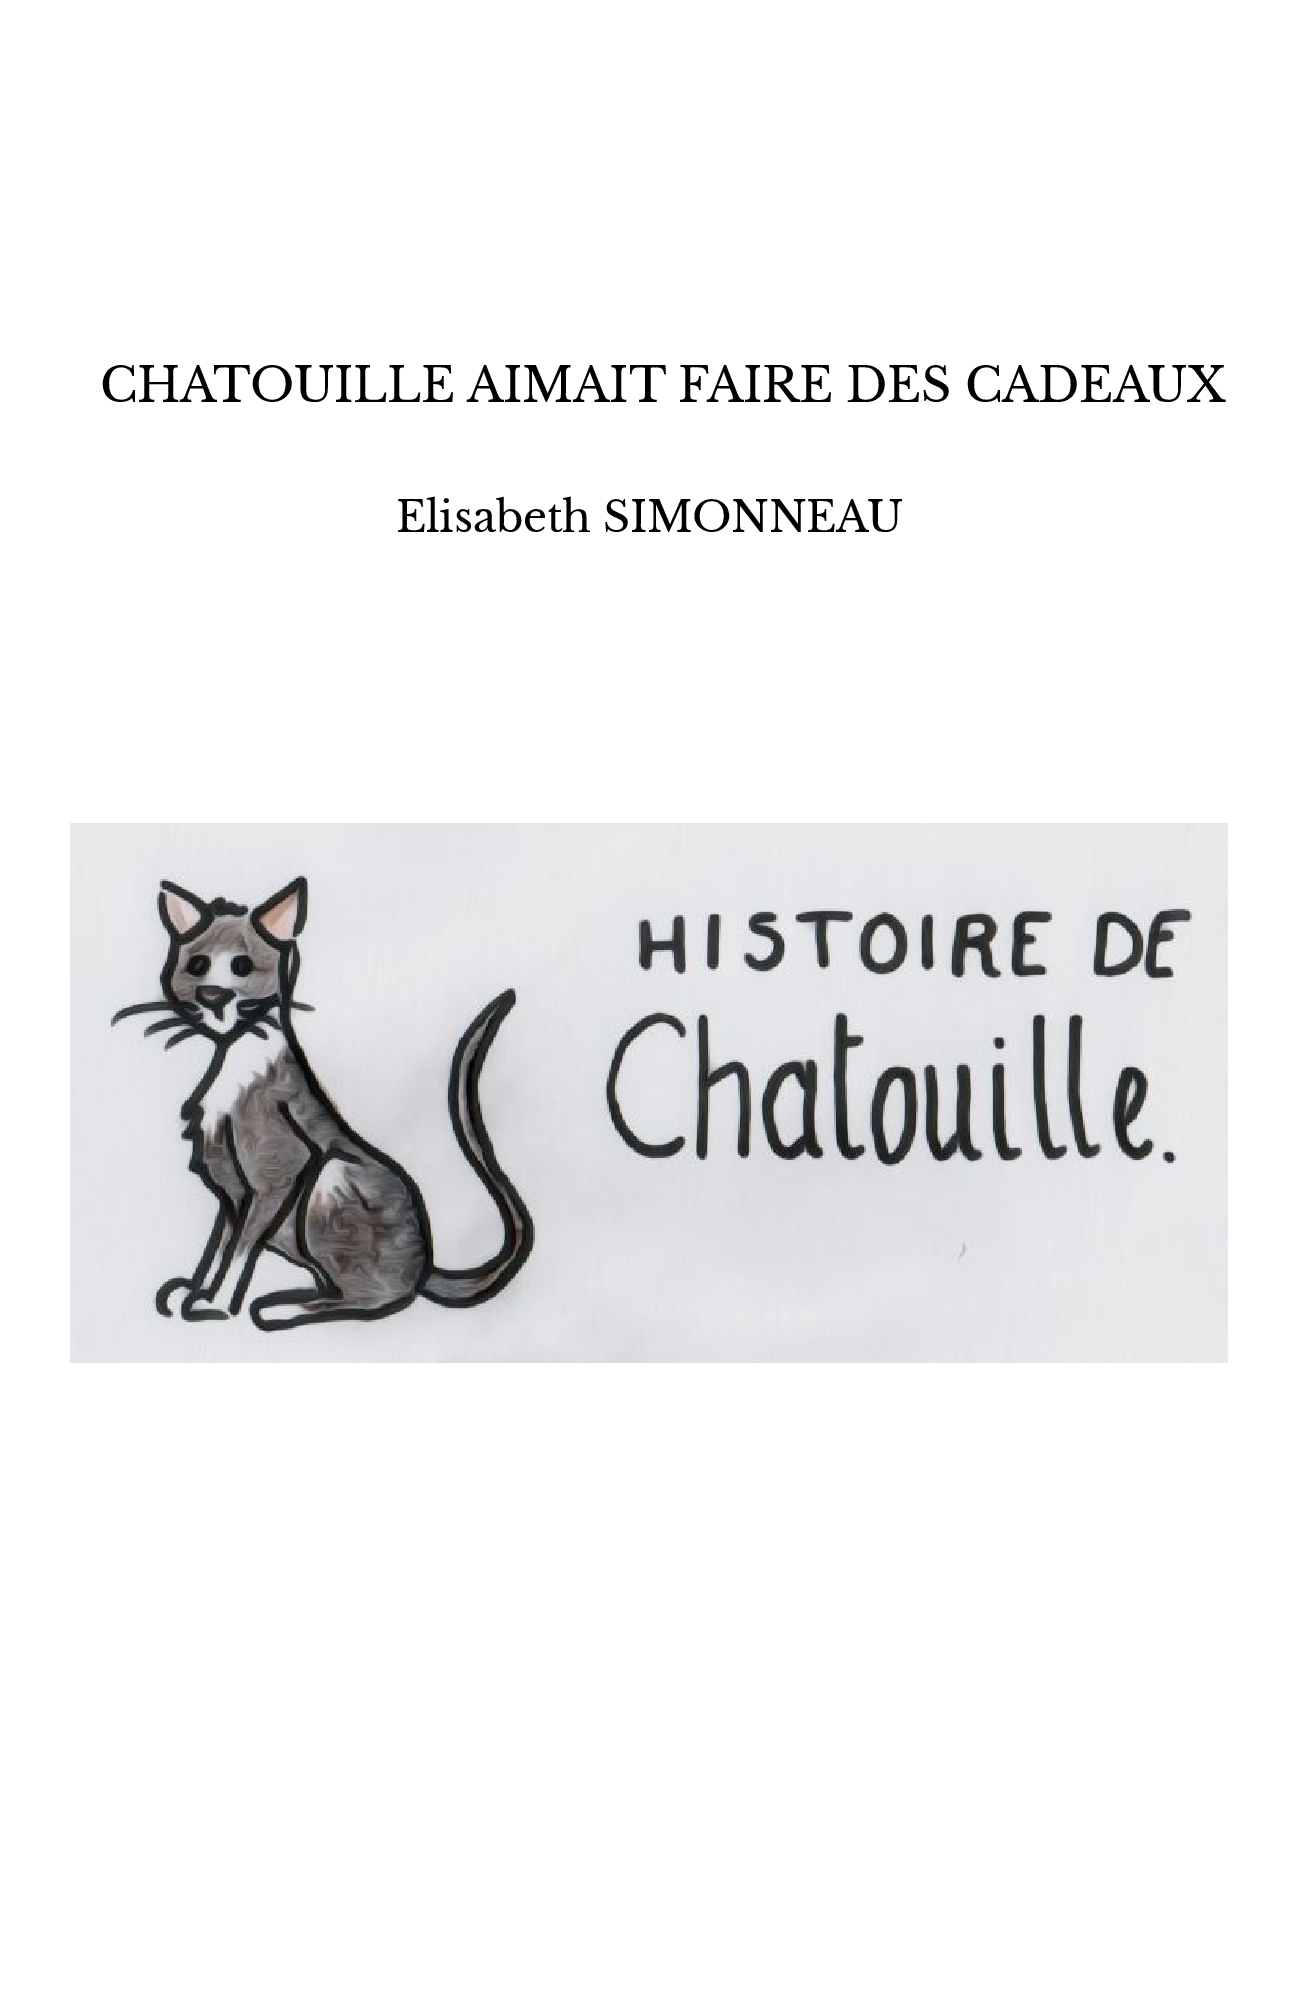 CHATOUILLE AIMAIT FAIRE DES CADEAUX